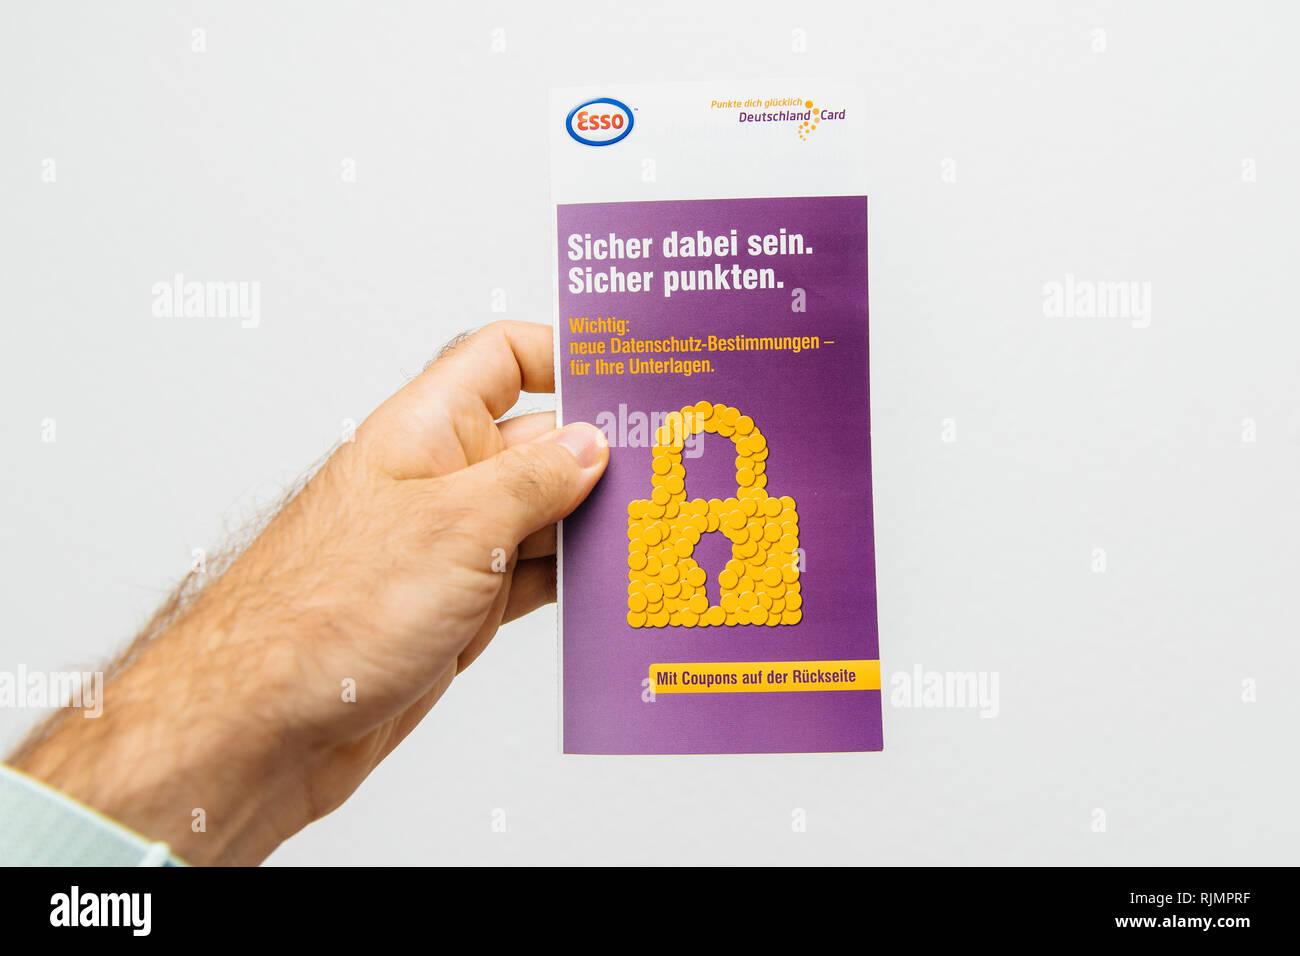 deutschlandcard login